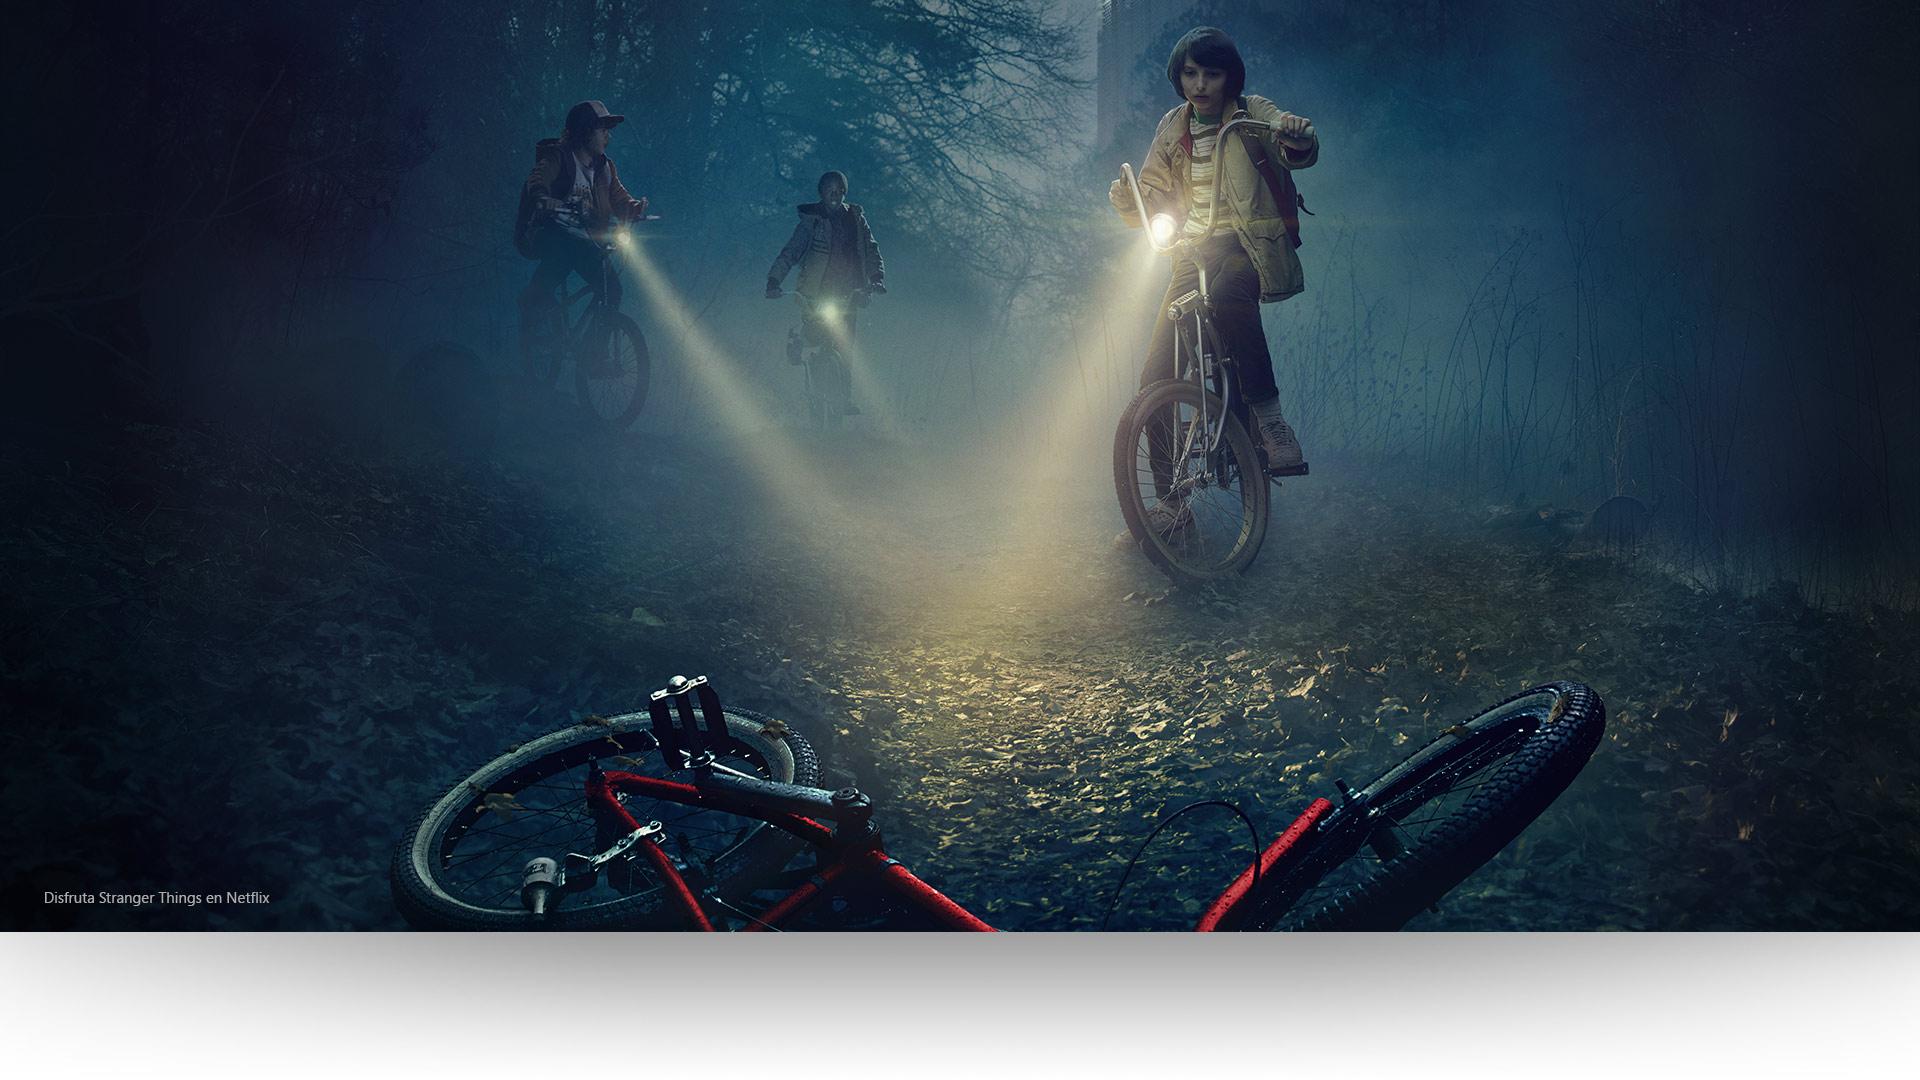 Unos niños en bici descubren que alguien ha perdido una bicicleta. Mira el tráiler de Stranger Things en Netflix